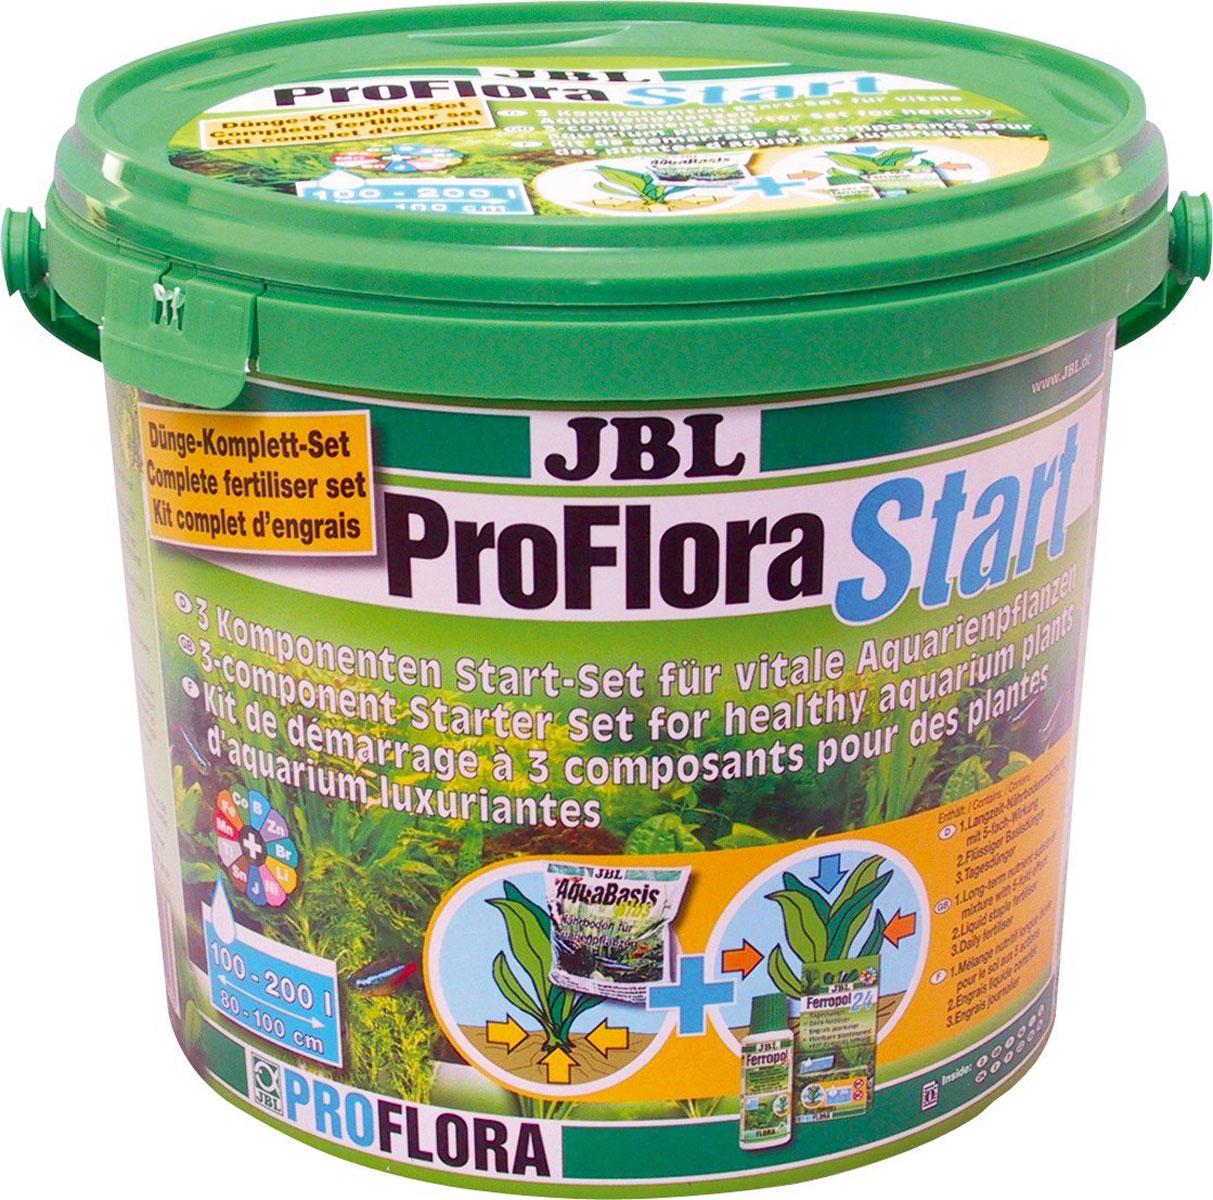 Стартовый комплект для аквариумных растений JBL ProFlora Start, для аквариумов 100-200 лJBL2021800Комплект JBL ProFlora Start - 3-компонентный стартовый комплект удобрений для живых аквариумных растений. Для аквариумов 100-200 л (ширина 80-100 см). Комплект удобрений от JBL обеспечит гарантированный успех в деле озеленения аквариума. JBL ProFlora Start содержит: - JBL AquaBasis plus (готовая смесь питательных элементов) Смесь питательного субстрата длительного действия AquaBasis plus хранит питательные вещества: содержит важные питательные вещества для растений, например, железо и глину, сохраняет питательные вещества и выделяет при необходимости снова. - JBL Ferropol (жидкое базисное удобрение) Основное удобрение Ferropol для хорошего роста растений без симптомов дефицита железа и других важных микроэлементов. - JBL Ferropol 24 (ежедневное удобрение) Ежедневное удобрение Ferropol 24 - ежедневное питание для красивых аквариумных растений. Эти три компонента входят в концепцию 7 шагов для превосходного роста растений, разработанную фирмой JBL. Питание для аквариумных растений - это залог их здоровья. Здоровые растения предотвращают рост водорослей, обеспечивают аквариум кислородом, предоставляют укрытие и снижают количество патогенов. Кроме того, здоровые растения - здоровые рыбы. Удобрения JBL содержат основные питательные вещества и жизненно важные микроэлементы. Таким образом, растения получают питательные вещества для поглощения через листья и корни, чтобы предотвратить симптомы дефицита (например, нехватку железа). Товар сертифицирован.